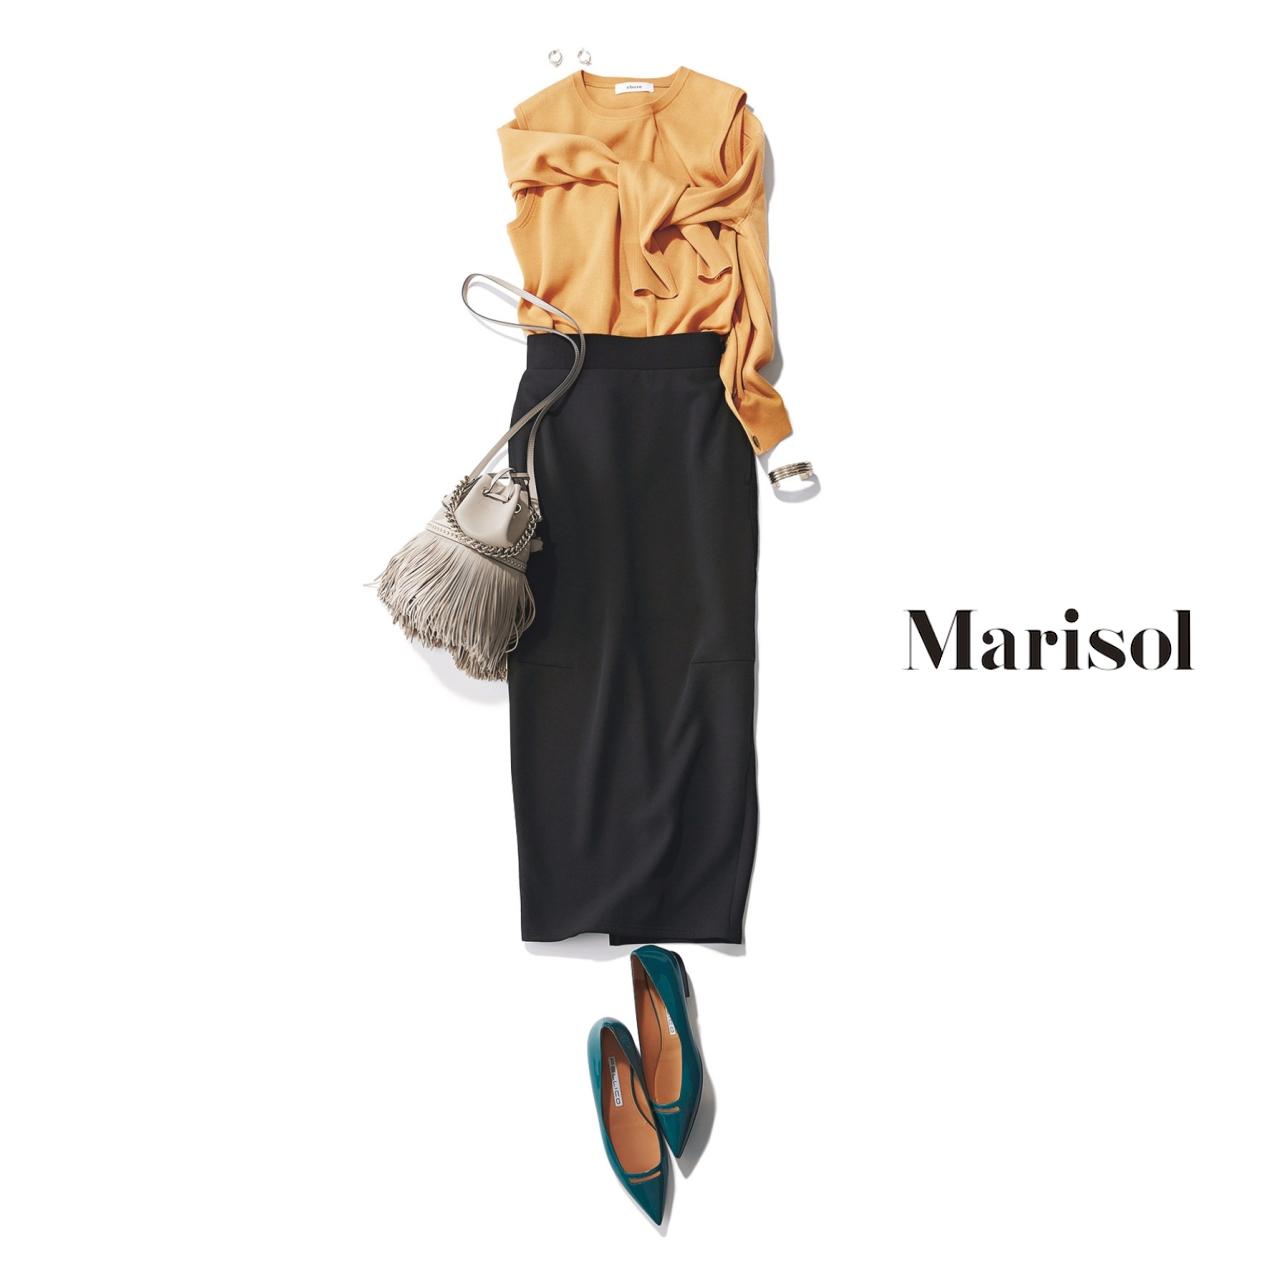 40代ファッション ニット×タイトスカート×フリンジバッグ×とんがりフラット靴コーデ